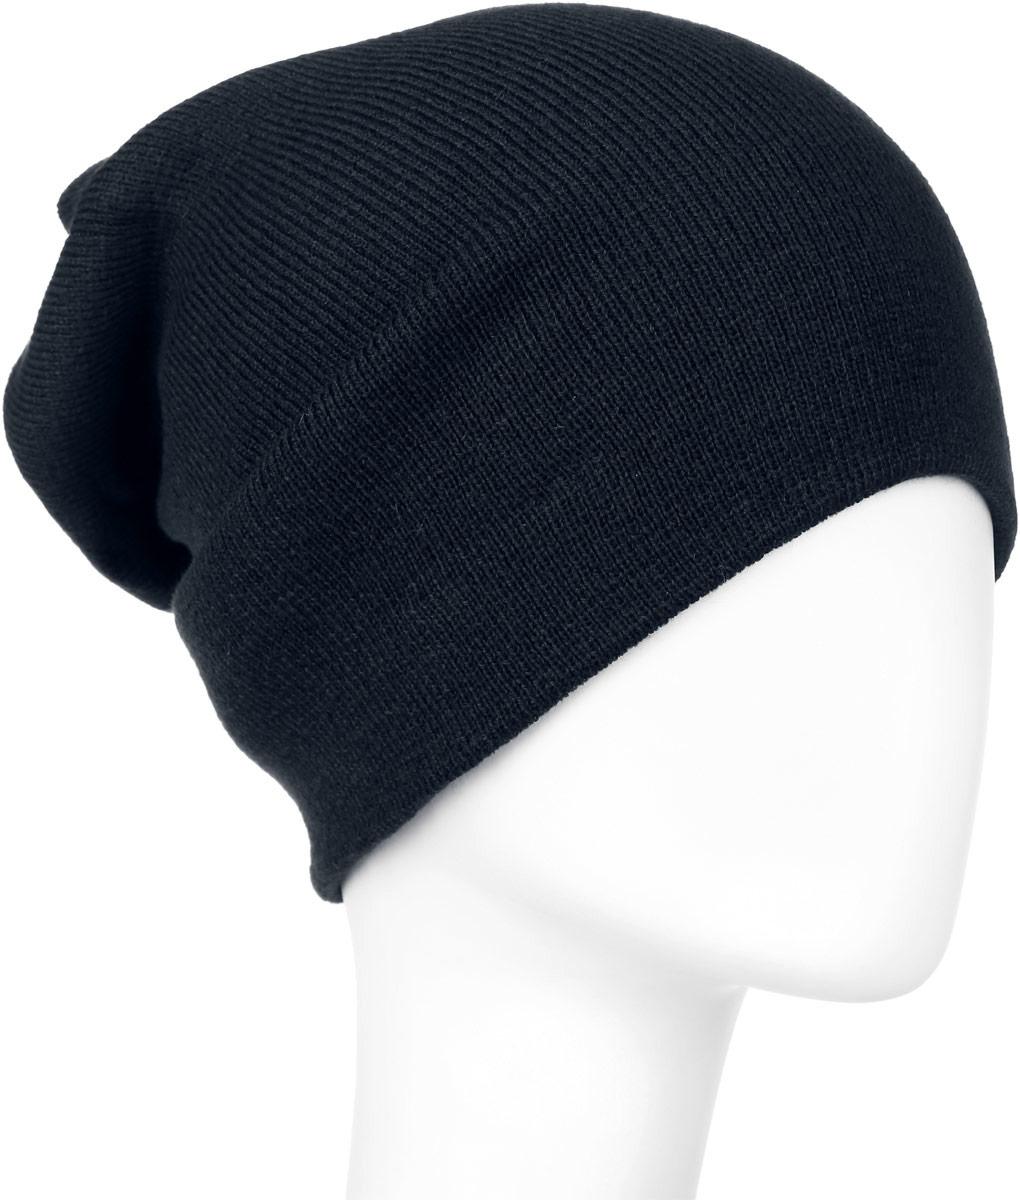 Шапка New Era Basic Long Knit, цвет: темно-синий. 11277758. Размер универсальный11277758-NVYВязаная удлиненная шапка New Era Basic Long Knit выполнена из 100% акрила. Модель украшена вышивкой с изображением логотипа бренда. Такая шапка подойдет и для мужчин, и для женщин.